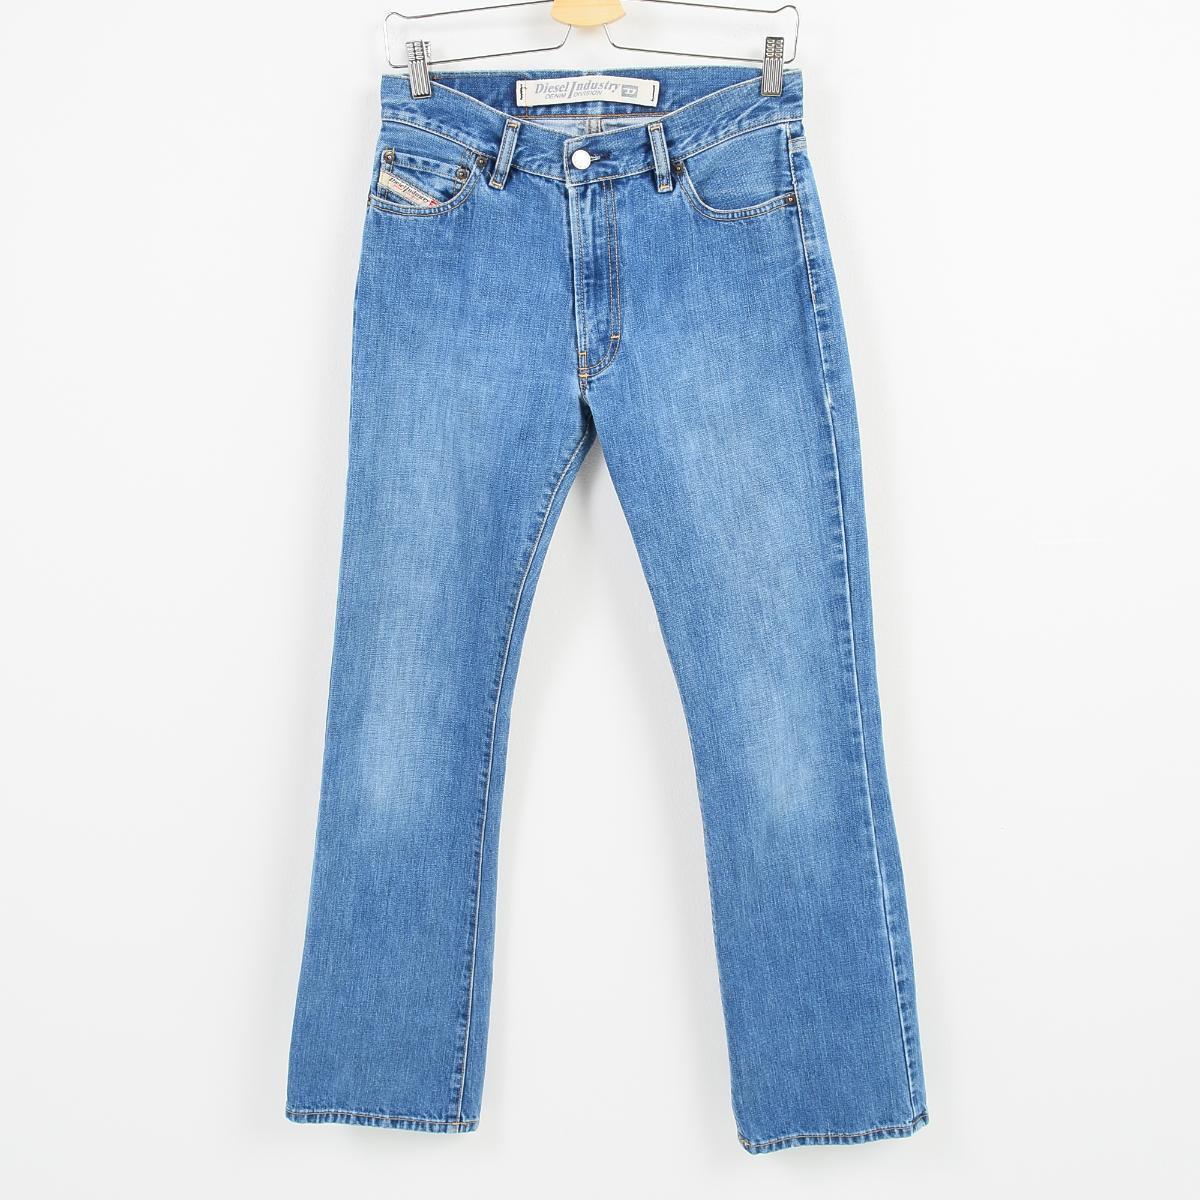 7d754060 Lady's L(w30) /wai8683 made in diesel DIESEL INDUSTRY bootcut jeans denim  underwear ...